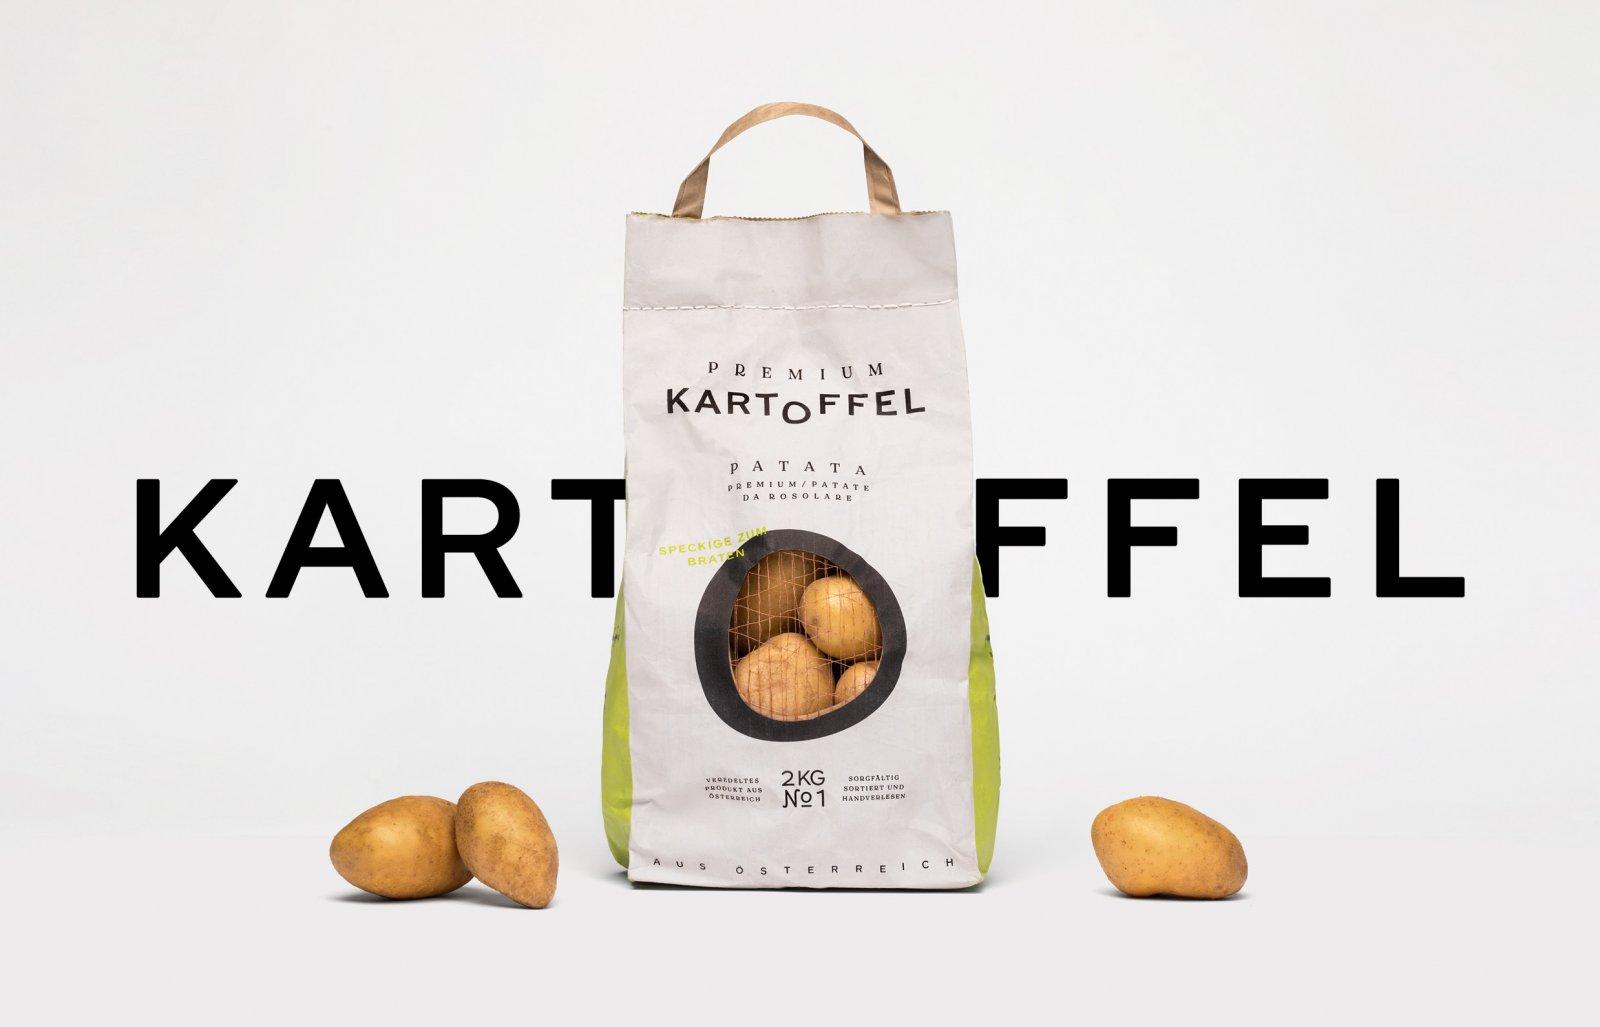 Kartoffel马铃薯包装设计